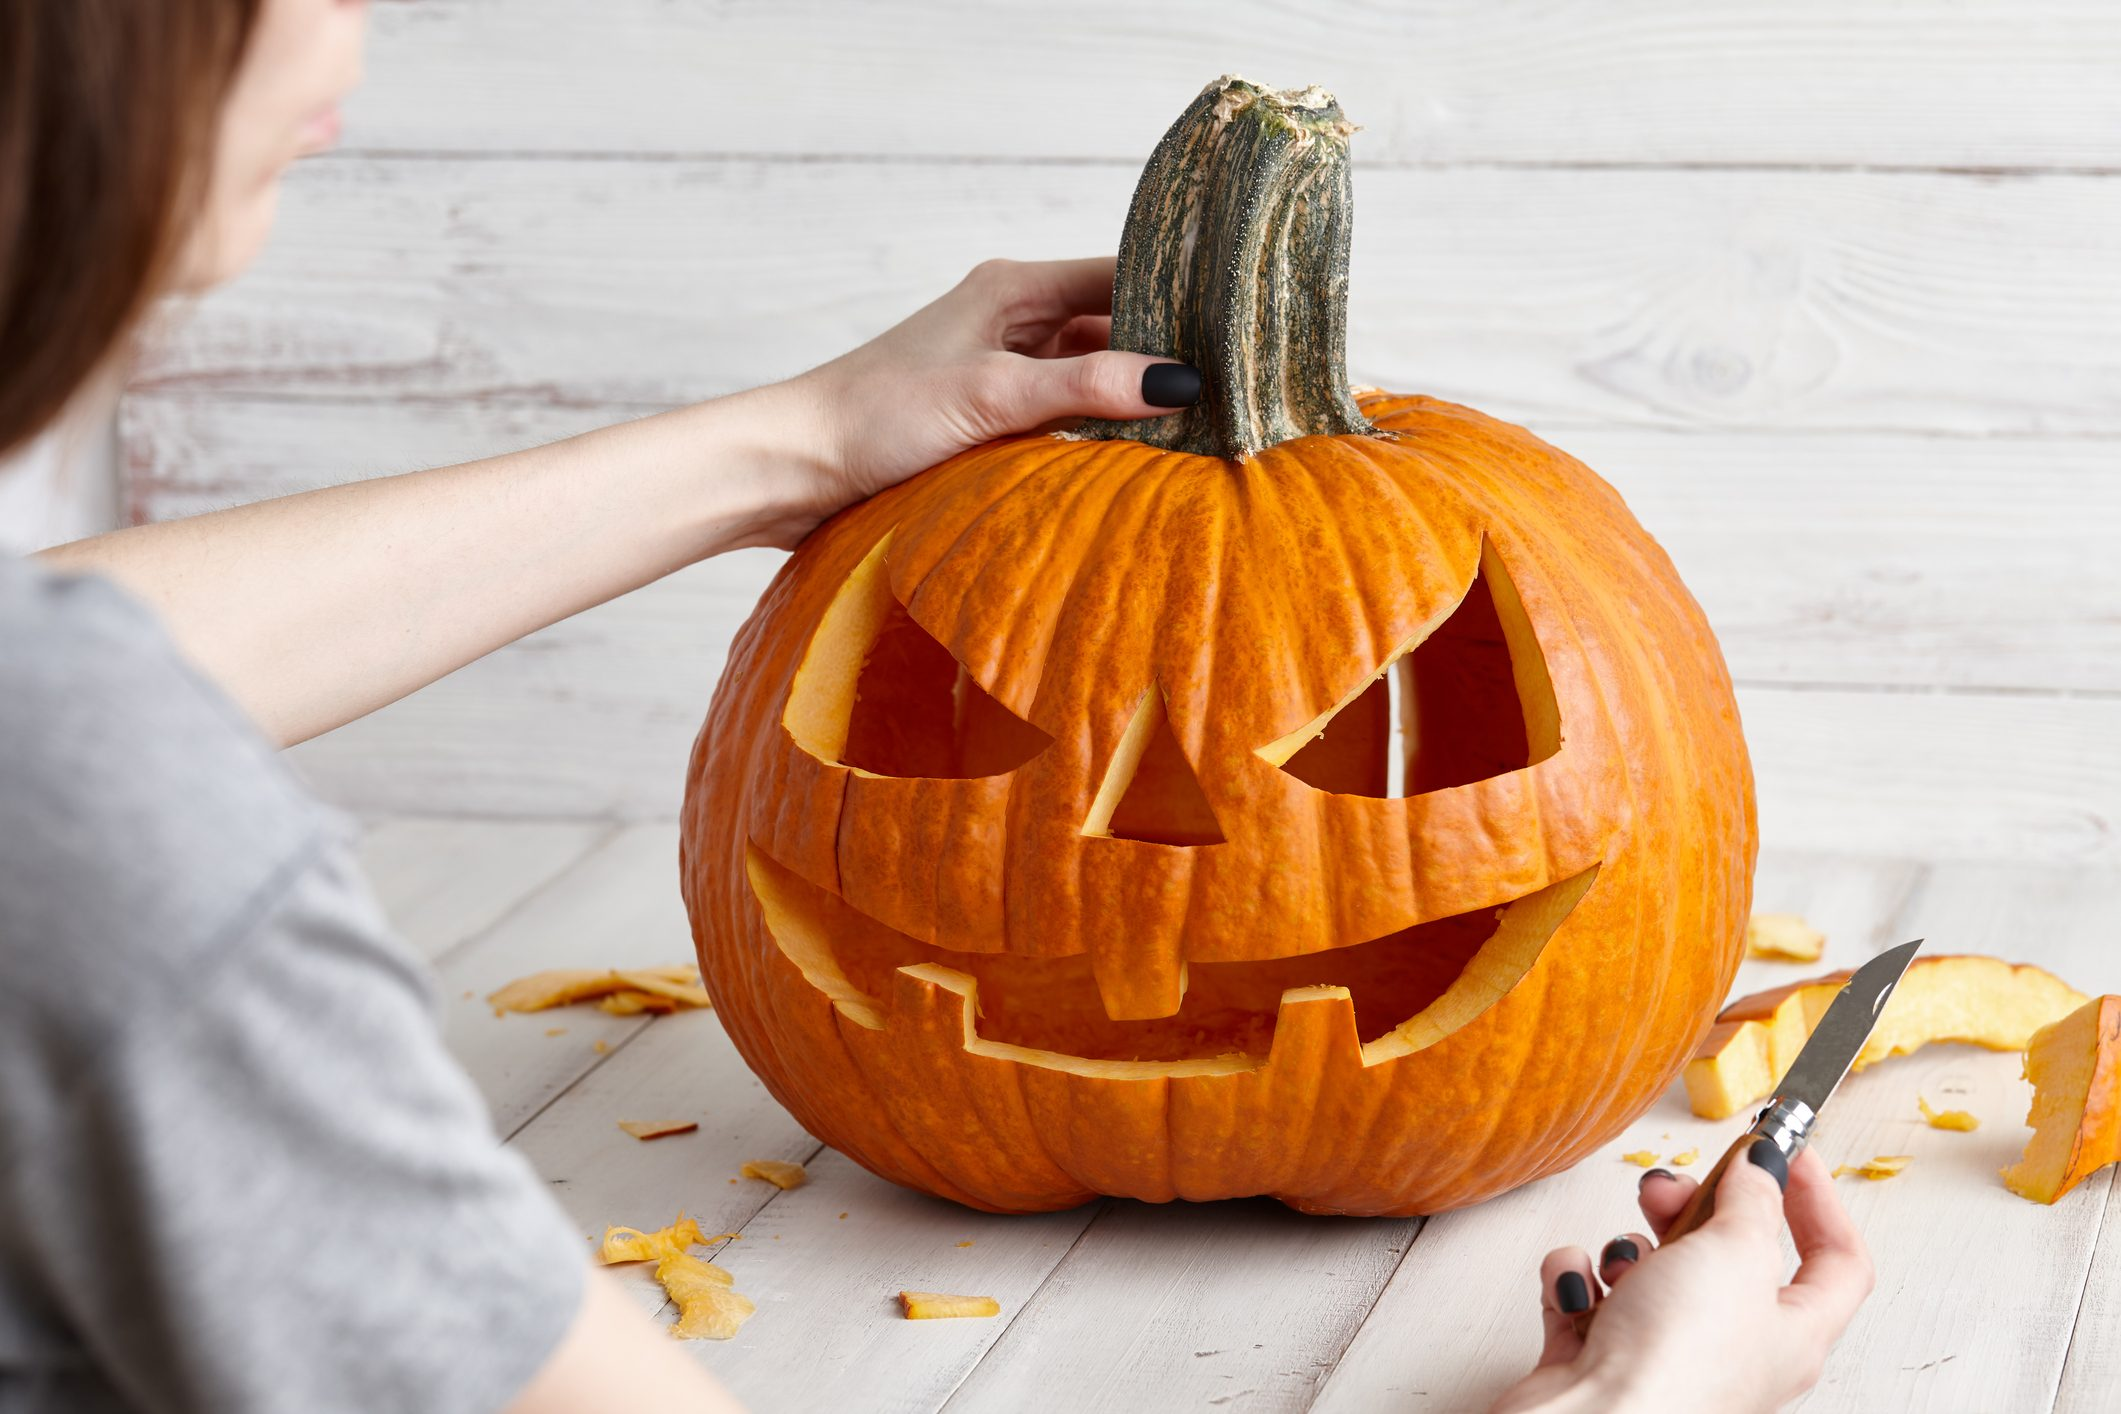 La zucca di Halloween: come ritagliarla insieme ai bambini